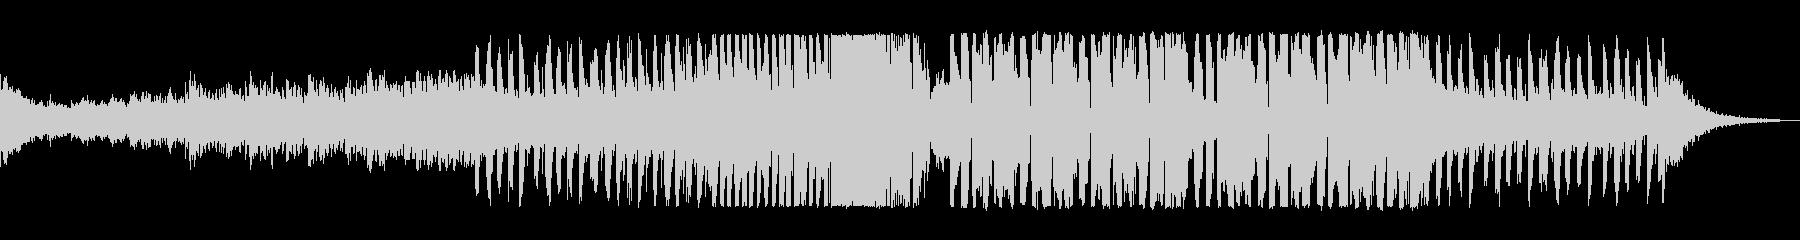 ファンキーポップなEDMの未再生の波形